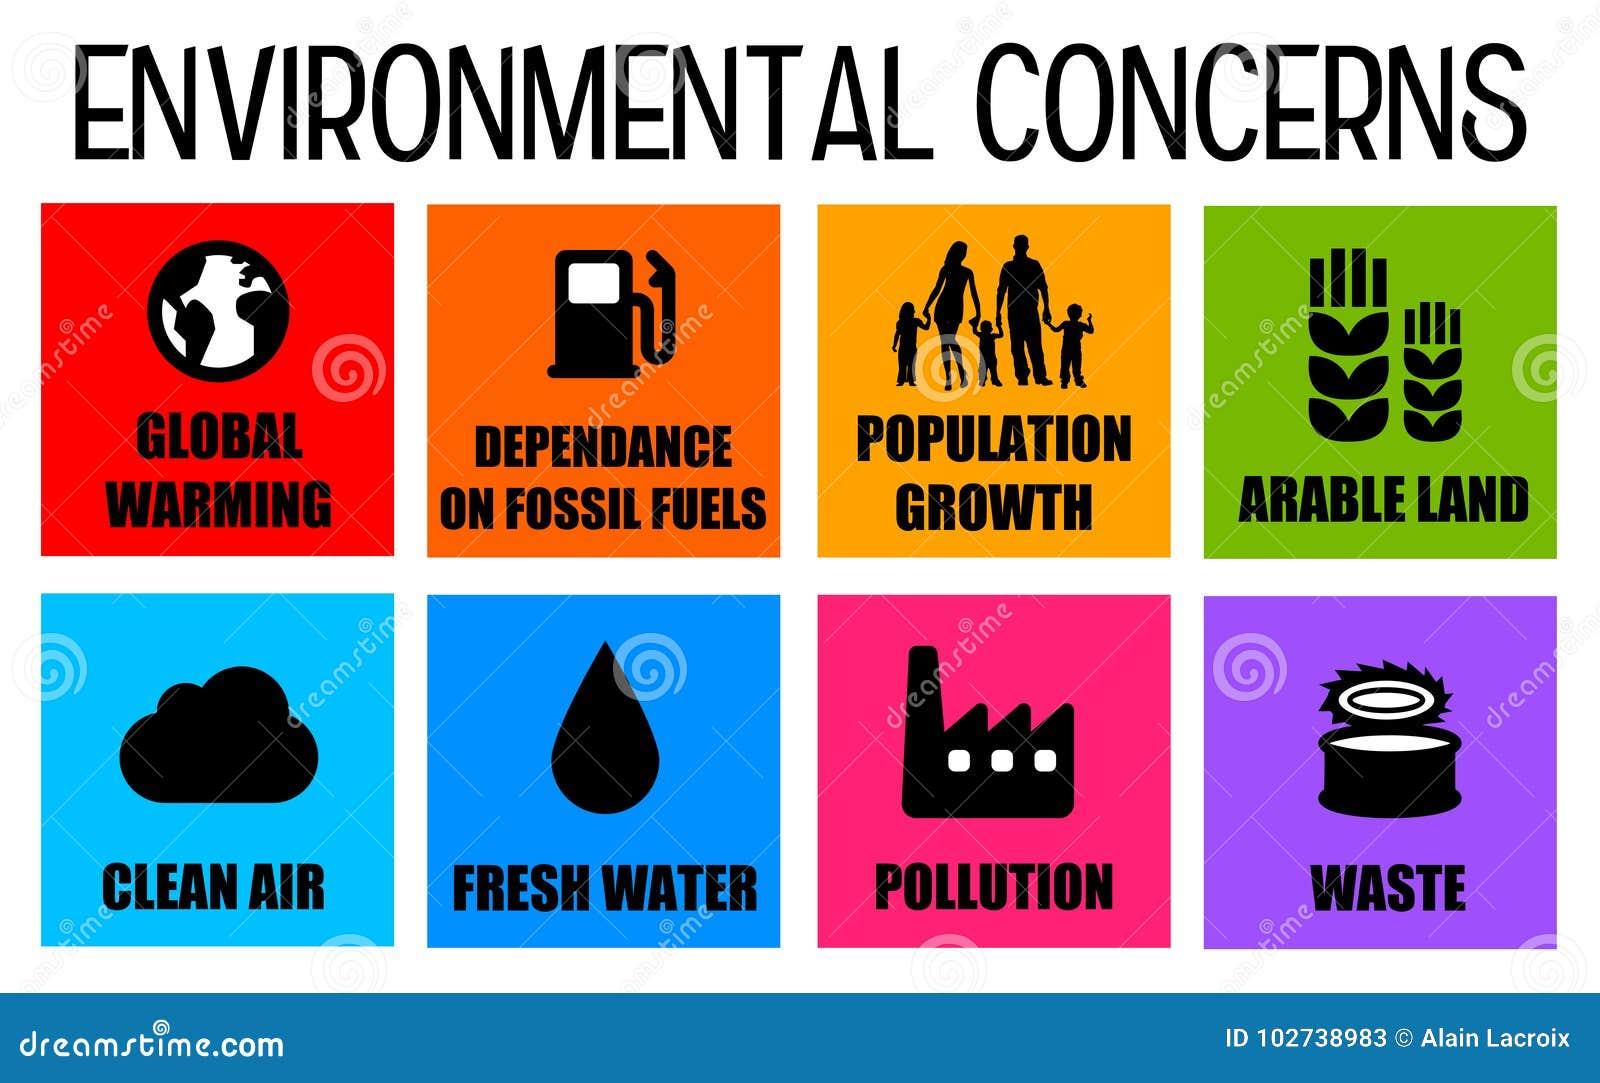 Относящие к окружающей среде заботы